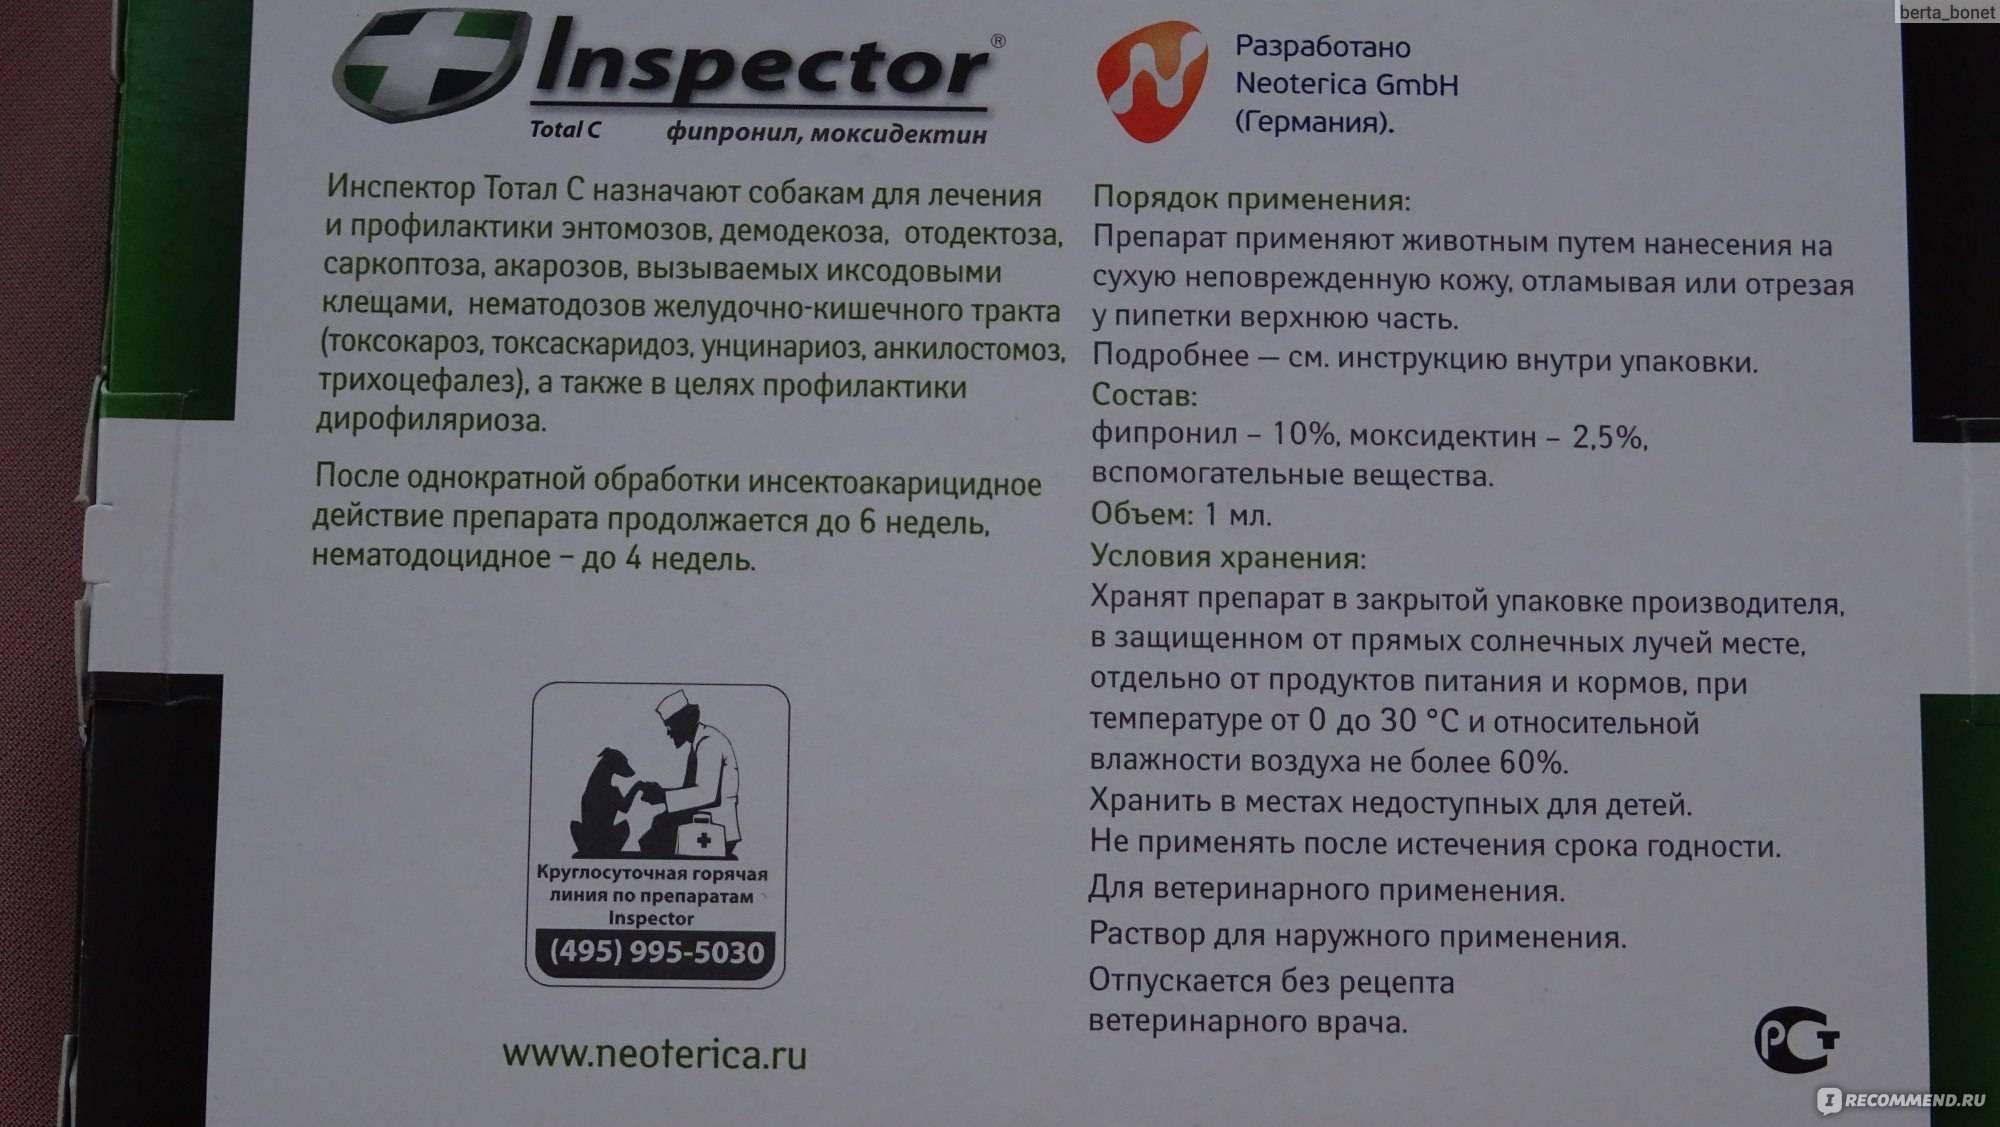 Инспектор для собак – инструкция по применению капель, спрея против блох и клещей